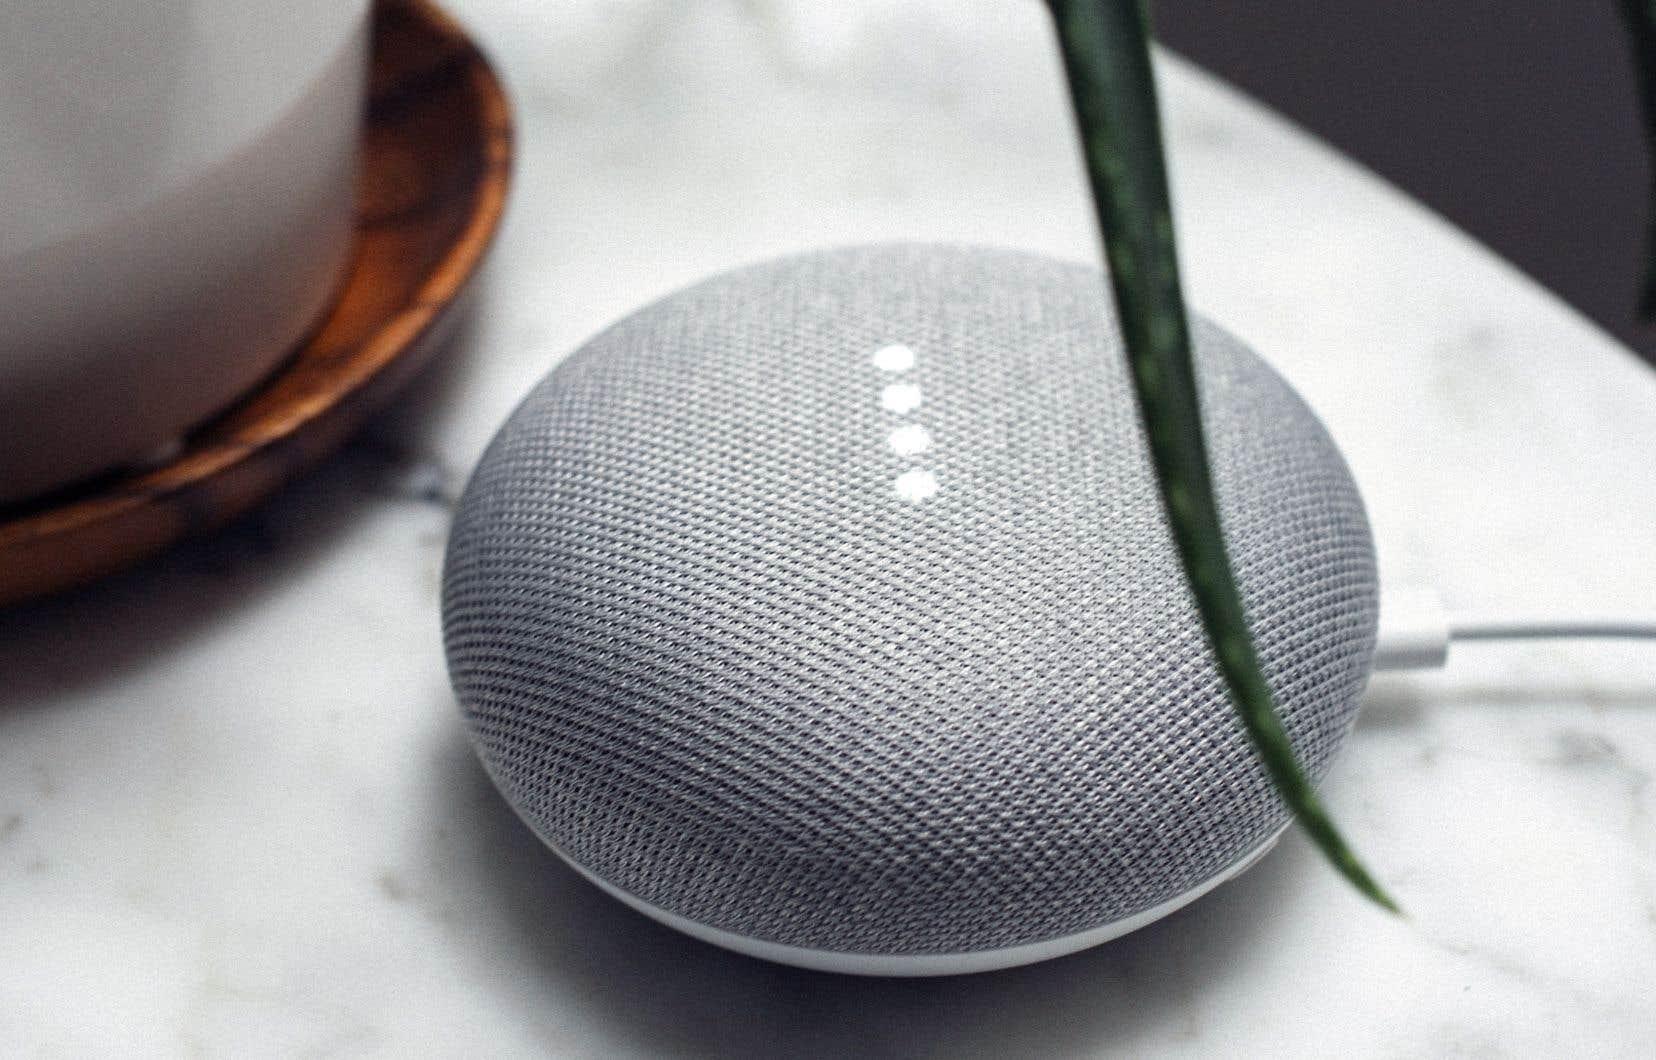 Malgré les questions de protection de vie privée soulevées par les enceintes intelligentes, telle la Google Home mini, leur popularité ne cesse de croître.